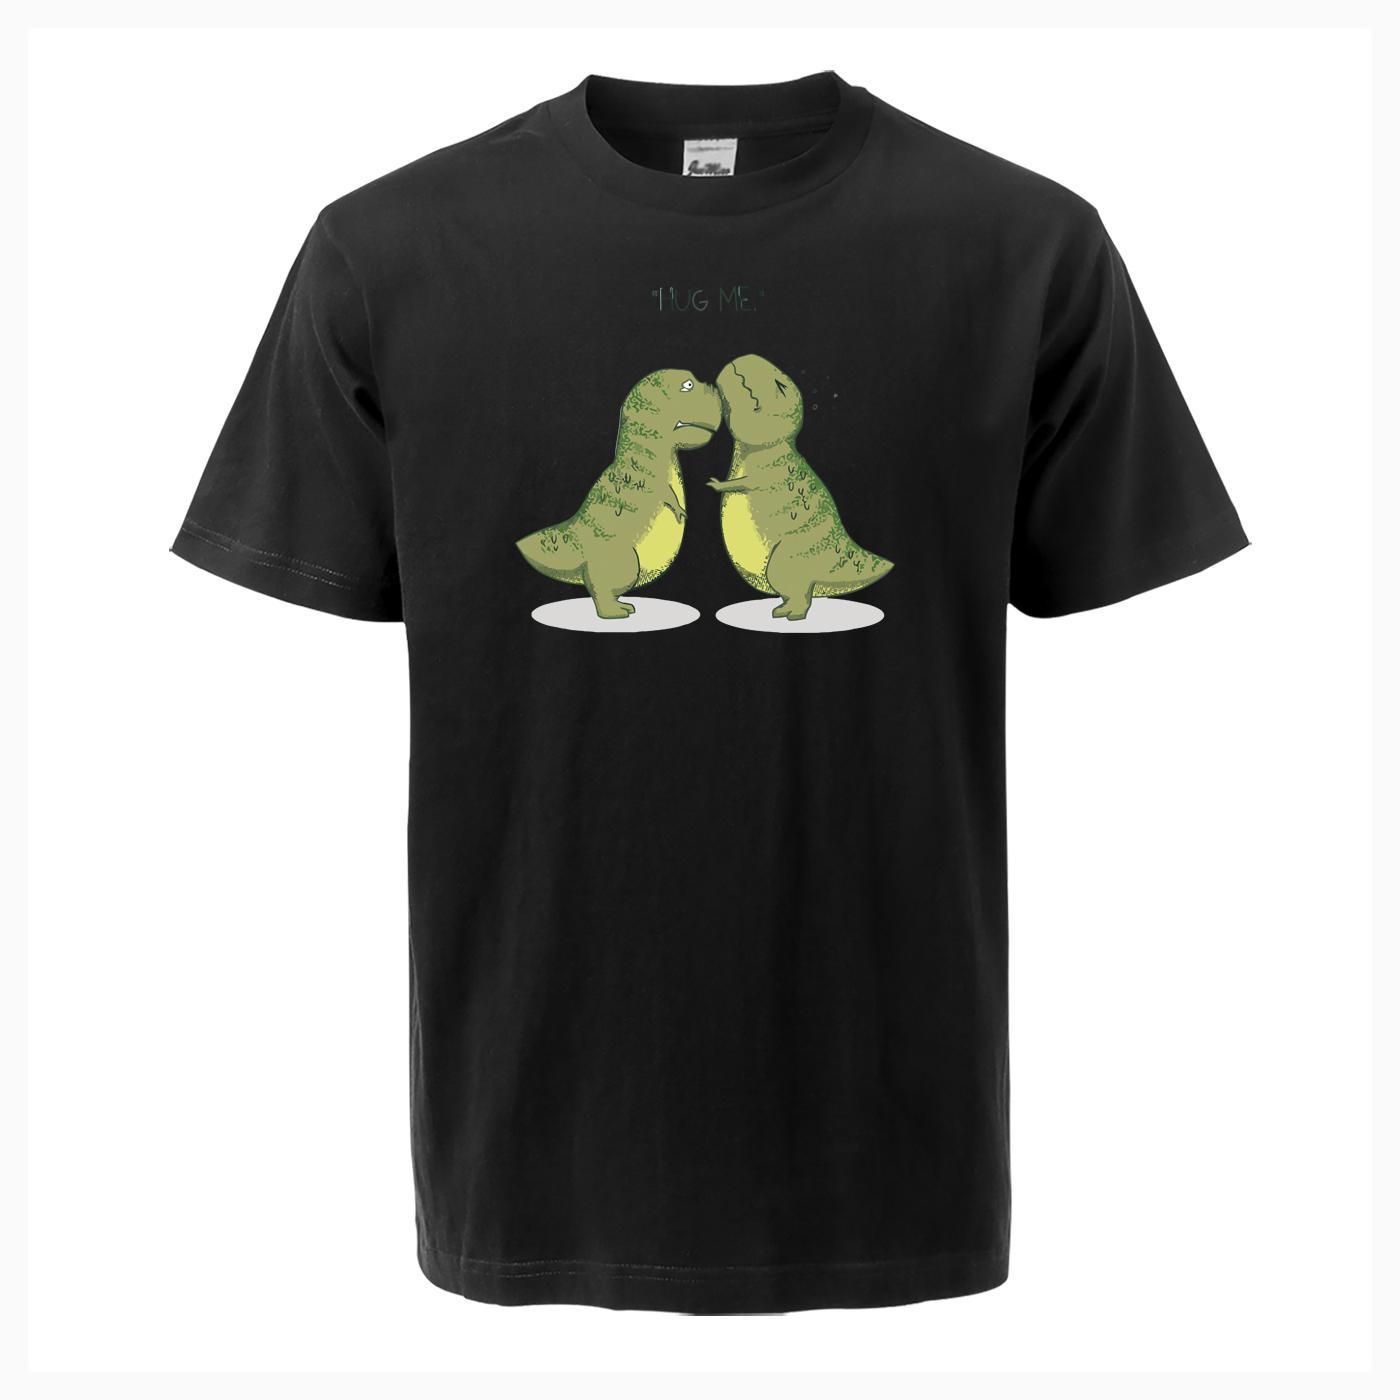 Schöne Dinosaurier Hug Me Print Männer-T-Shirt beiläufige Art und Weise 2019 Sommer-neue Qualitäts-Baumwolle Männer Fitness Plus Size Street